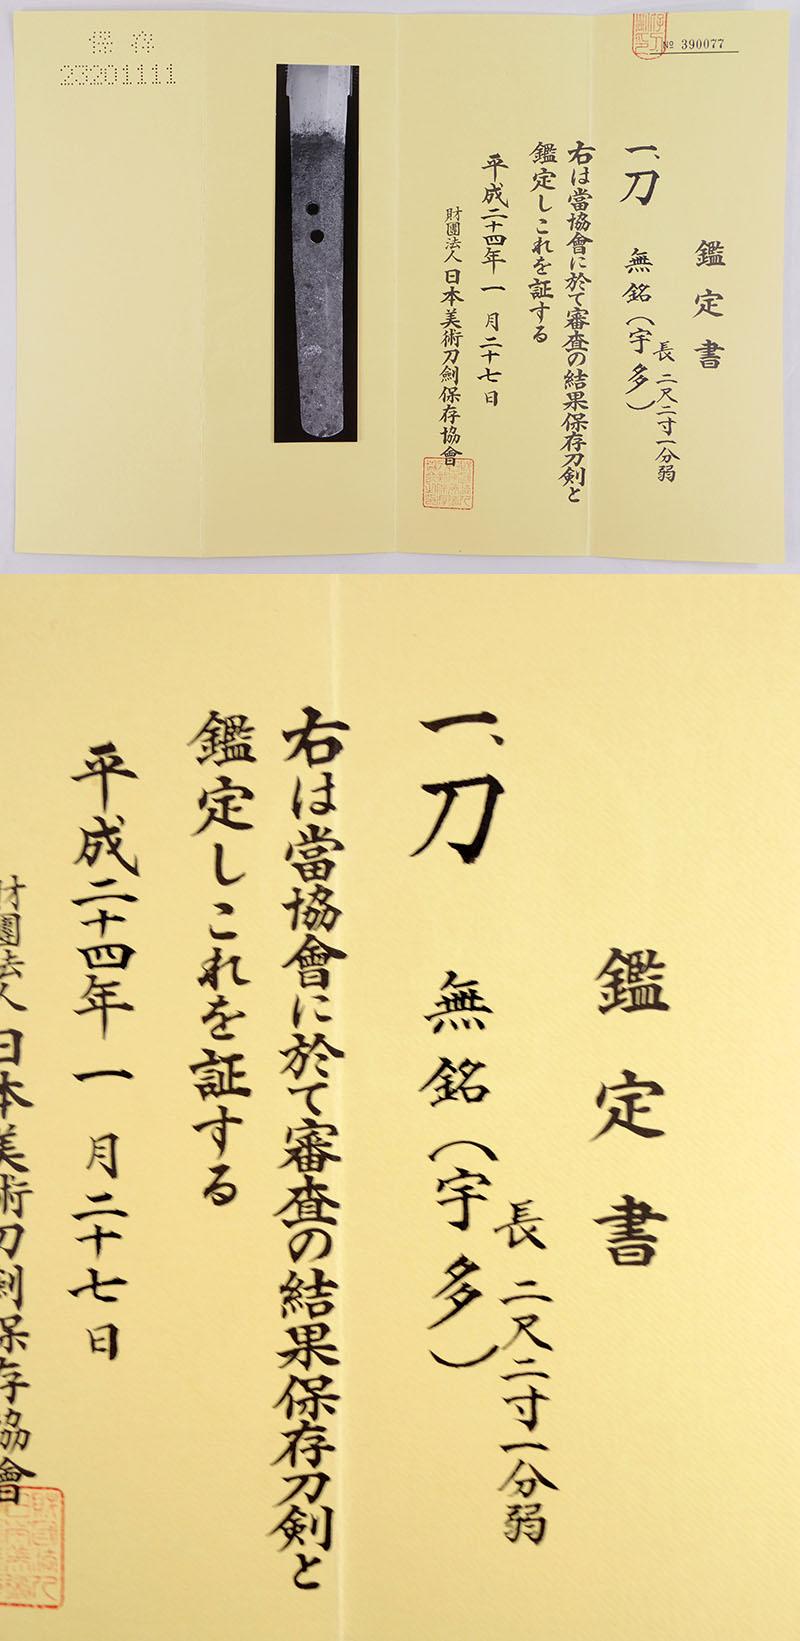 無銘(宇多) Picture of Certificate